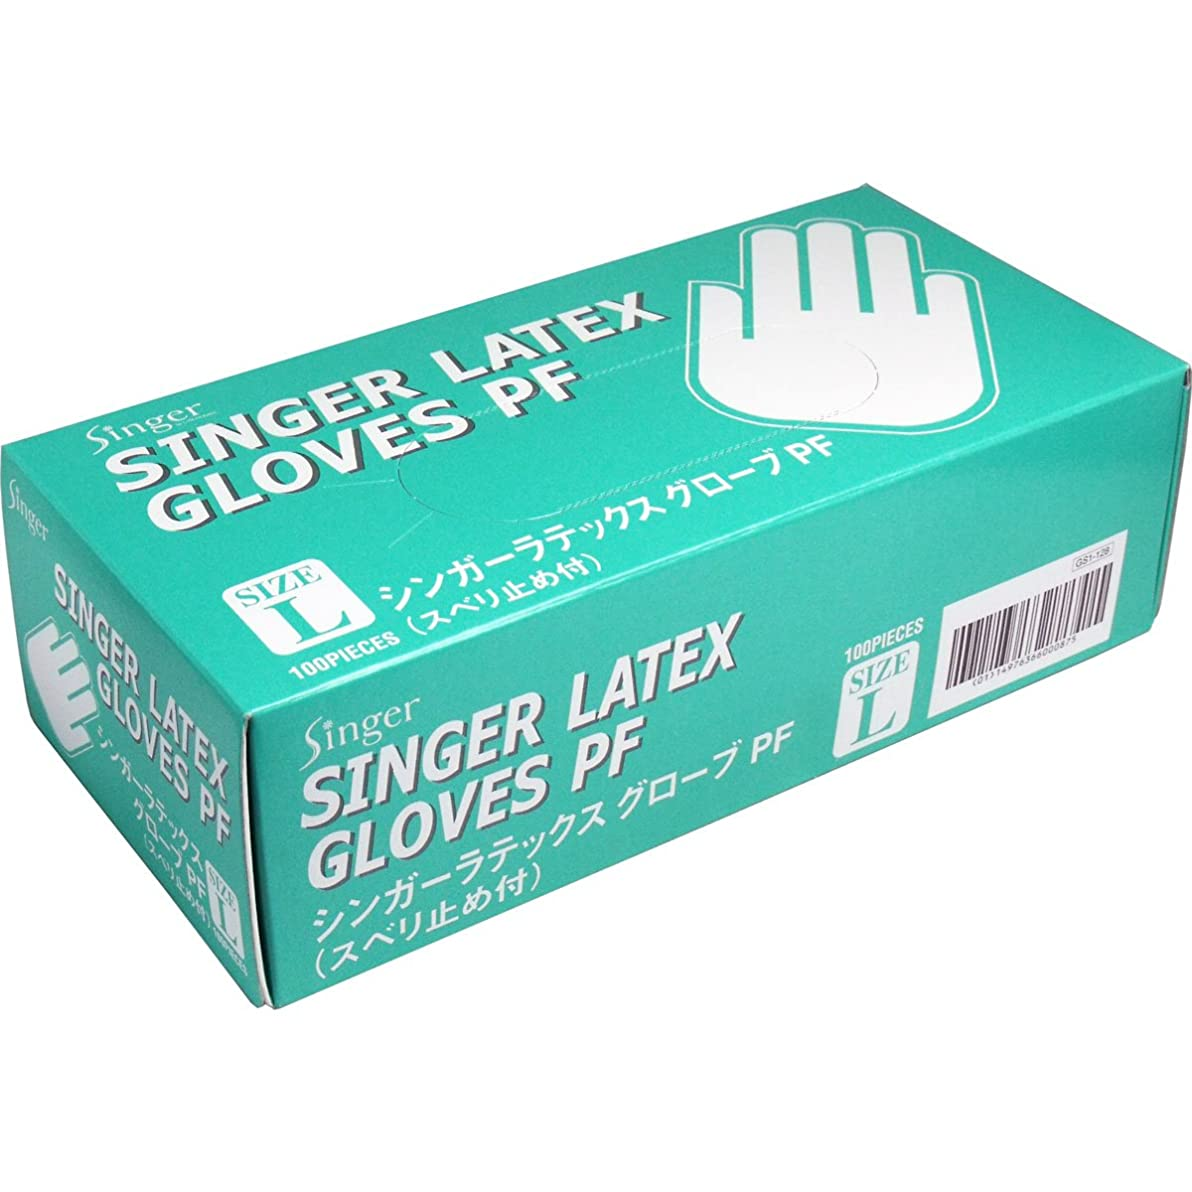 処方するみなすふざけたパウダーフリー手袋 素手感覚で使える 使いやすい シンガーラテックスグローブ パウダーフリー スベリ止め付 Lサイズ 100枚入【2個セット】